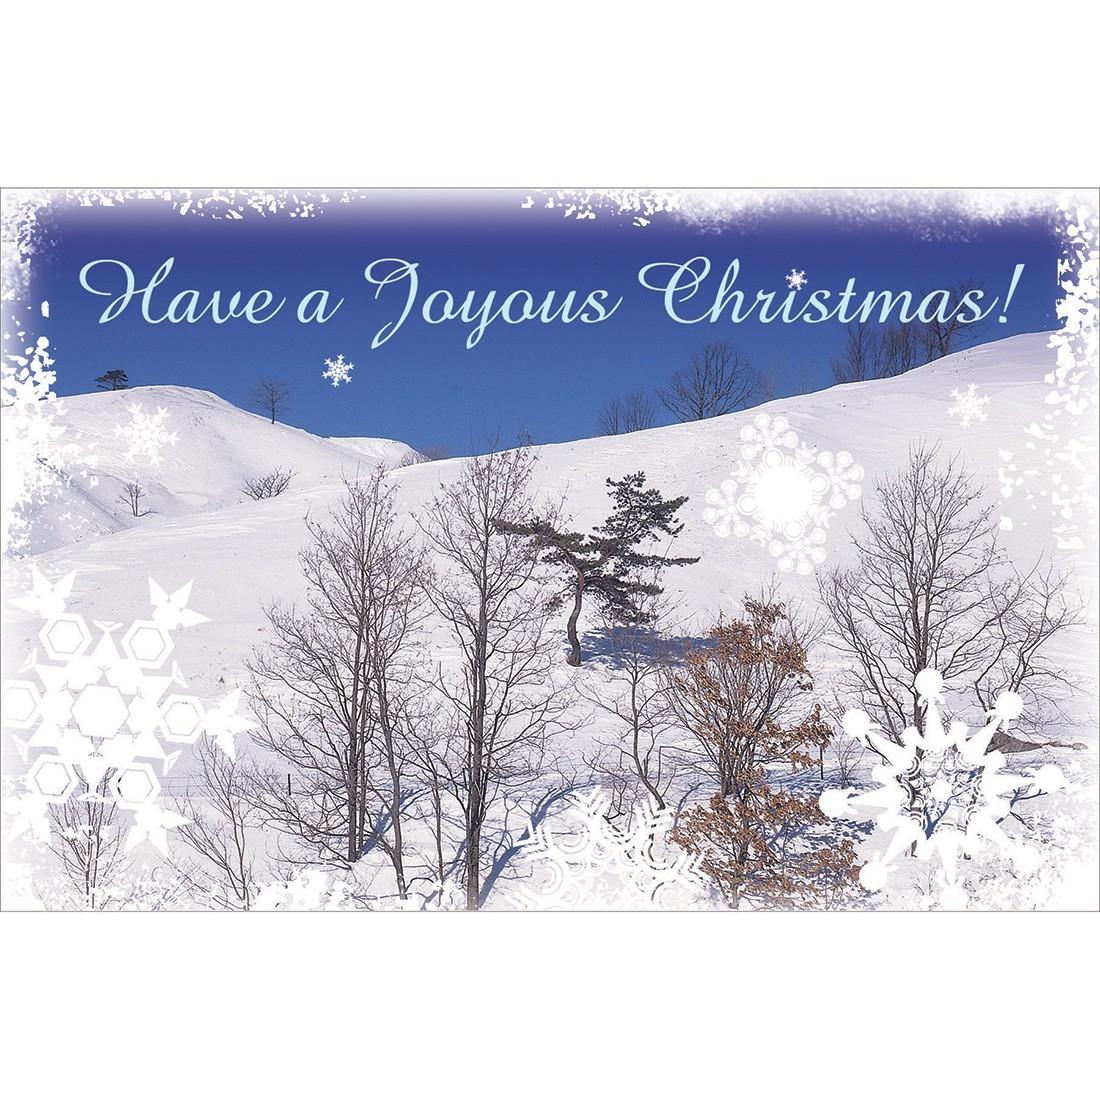 Joyous Christmas Greeting Cards [image]